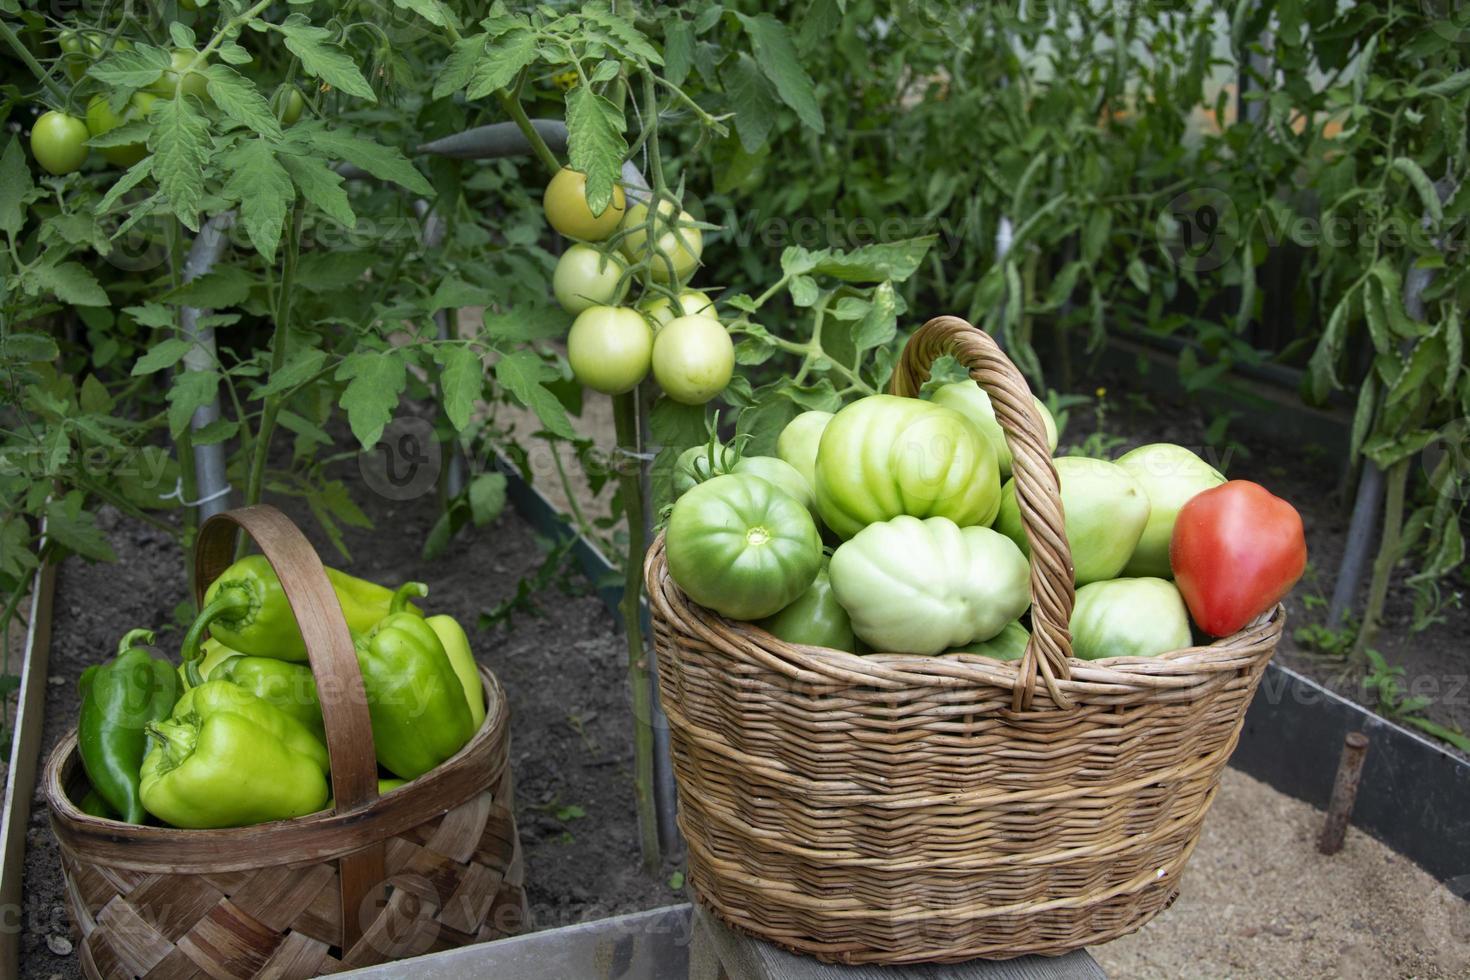 tomates y pimientos en primer plano de cestas de mimbre. cosecha de tomate en invernadero. foto